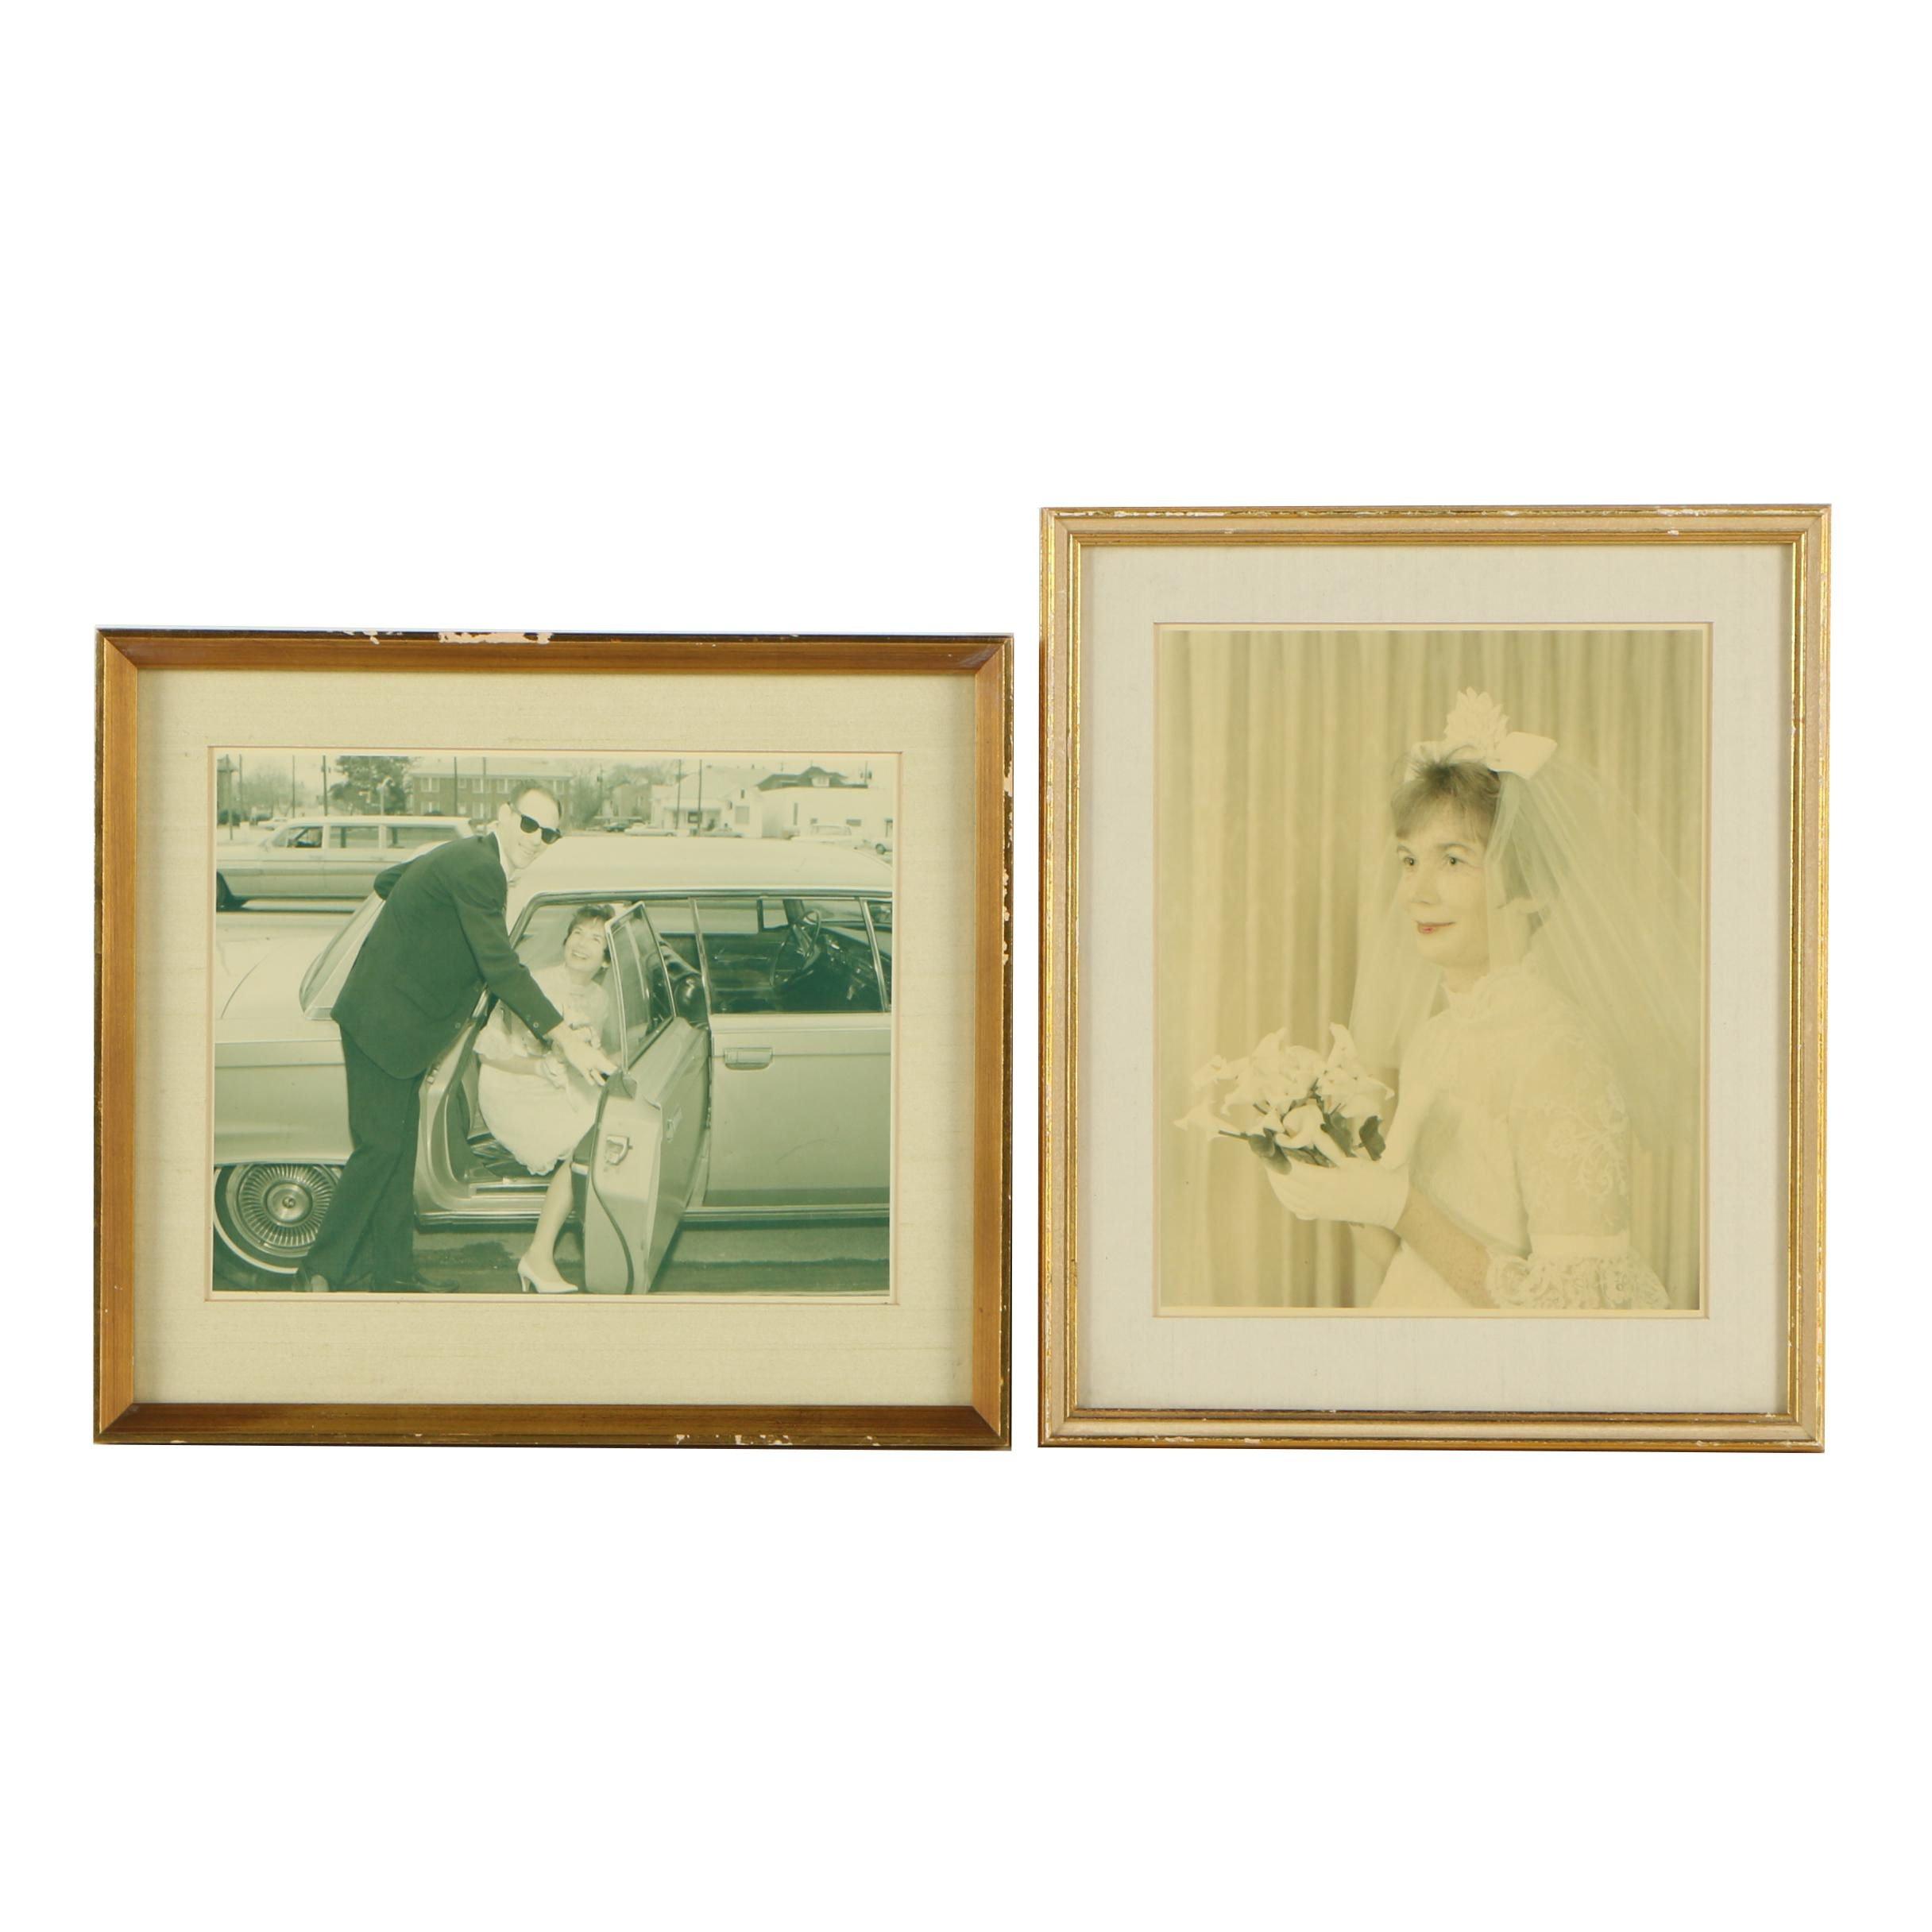 20th Century Photographic Prints